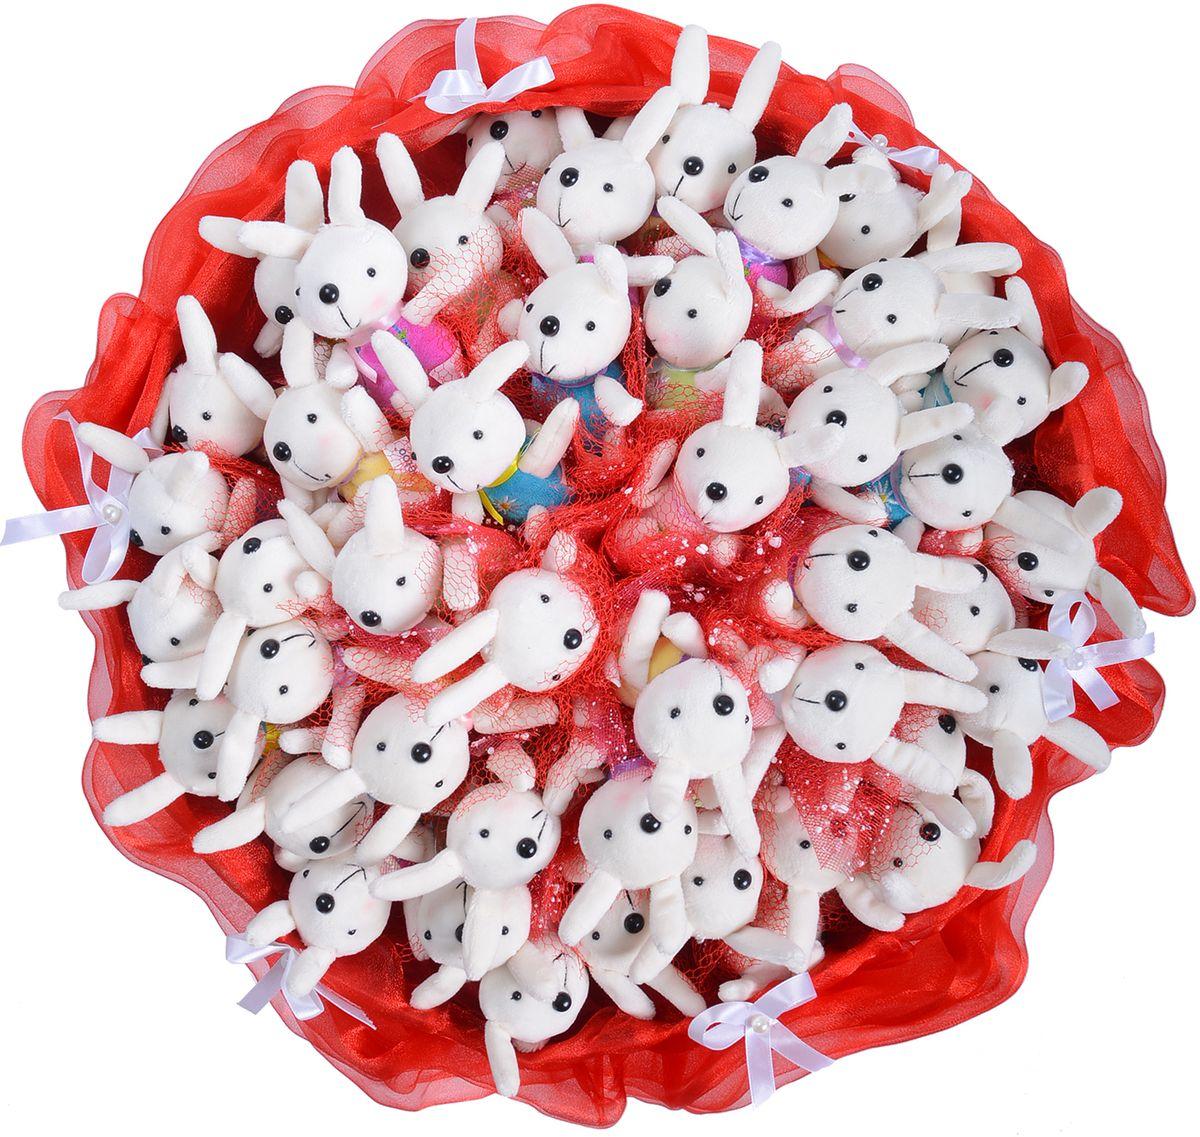 Букет из игрушек Toy Bouquet Маленькие зайчата, цвет: красный, 45 игрушекRS003-45-31Великолепный букет из 45 милых зайчиков, упакован в мягкую струящуюся органзу насыщенного красного цвета с добавлением флористической сетки, декорирован маленькими атласными бантиками по краю букета и перевязан широкой атласной лентой с добавлением золотой парчовой тесьмы.Мягкие игрушки, оформленные в букет – приятный подарок для любимой, для мамы, подруги или для ребенка. Оригинальные букеты торговой марки TOY BOUQUET из мягких игрушек прекрасно подойдут для многих праздников: День Святого Валентина, 8 марта, день рождения, выпускной, а также на другие памятные даты или годовщины.